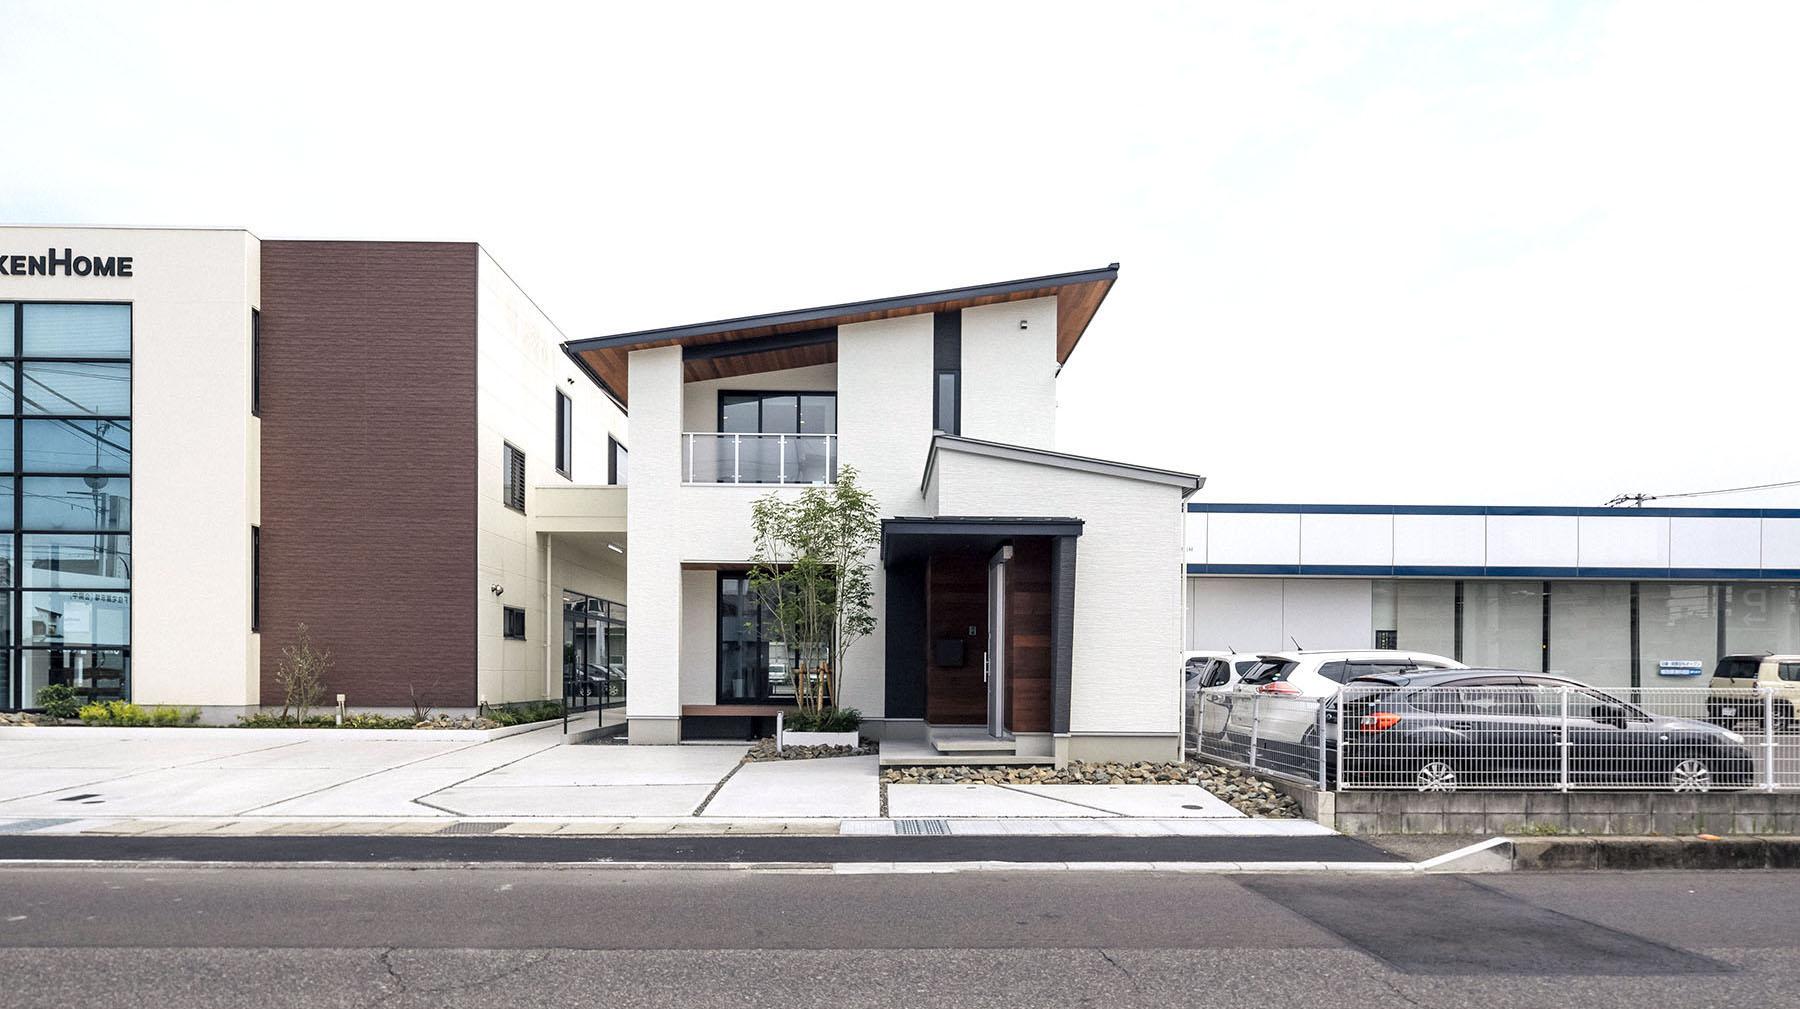 〈福山市南蔵王〉40坪の敷地に建つ実寸大モデルハウス「LIF」